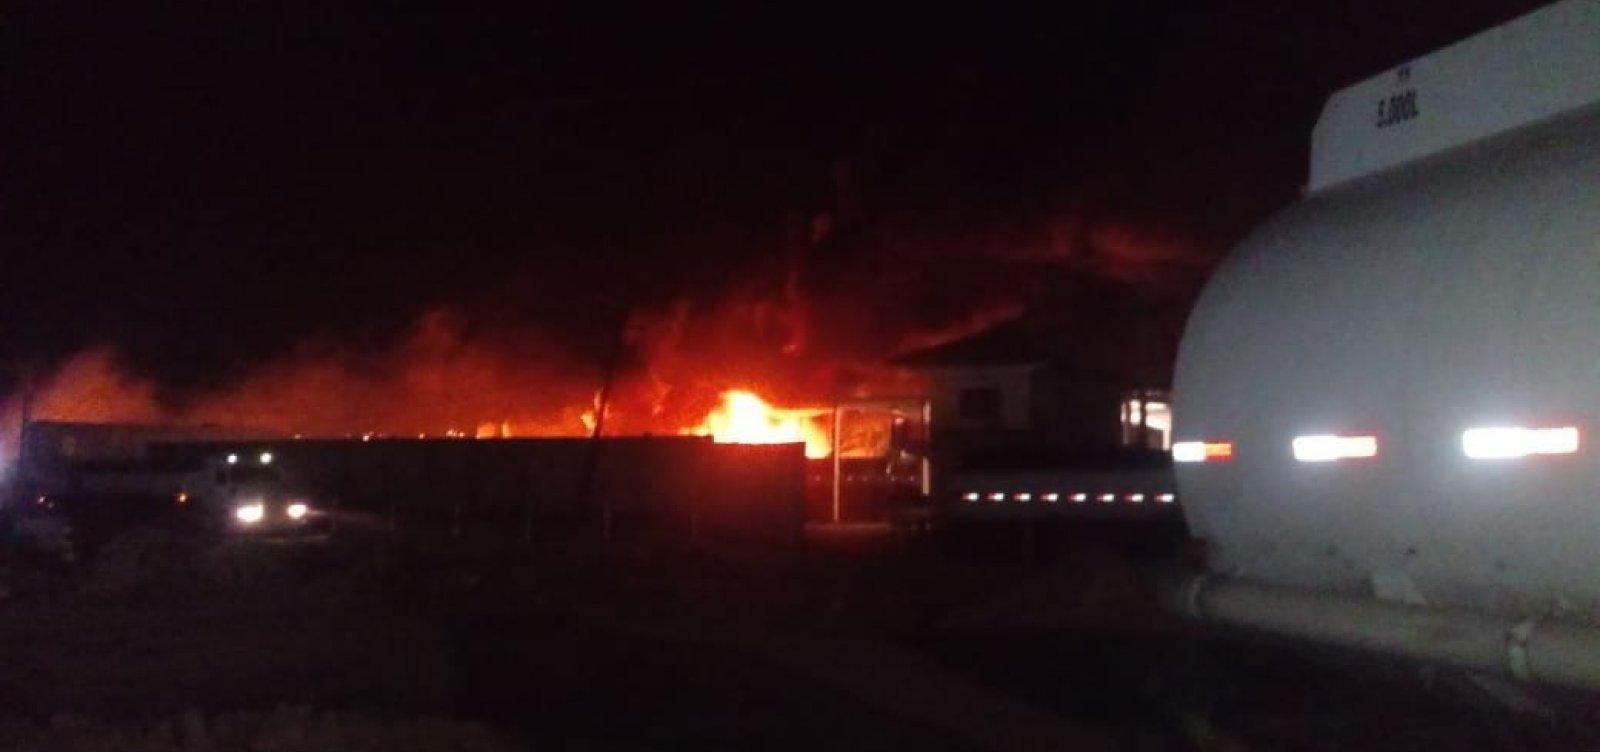 Explosão em garagem deixa vítima com 95% do corpo queimado em Candeias, na Bahia